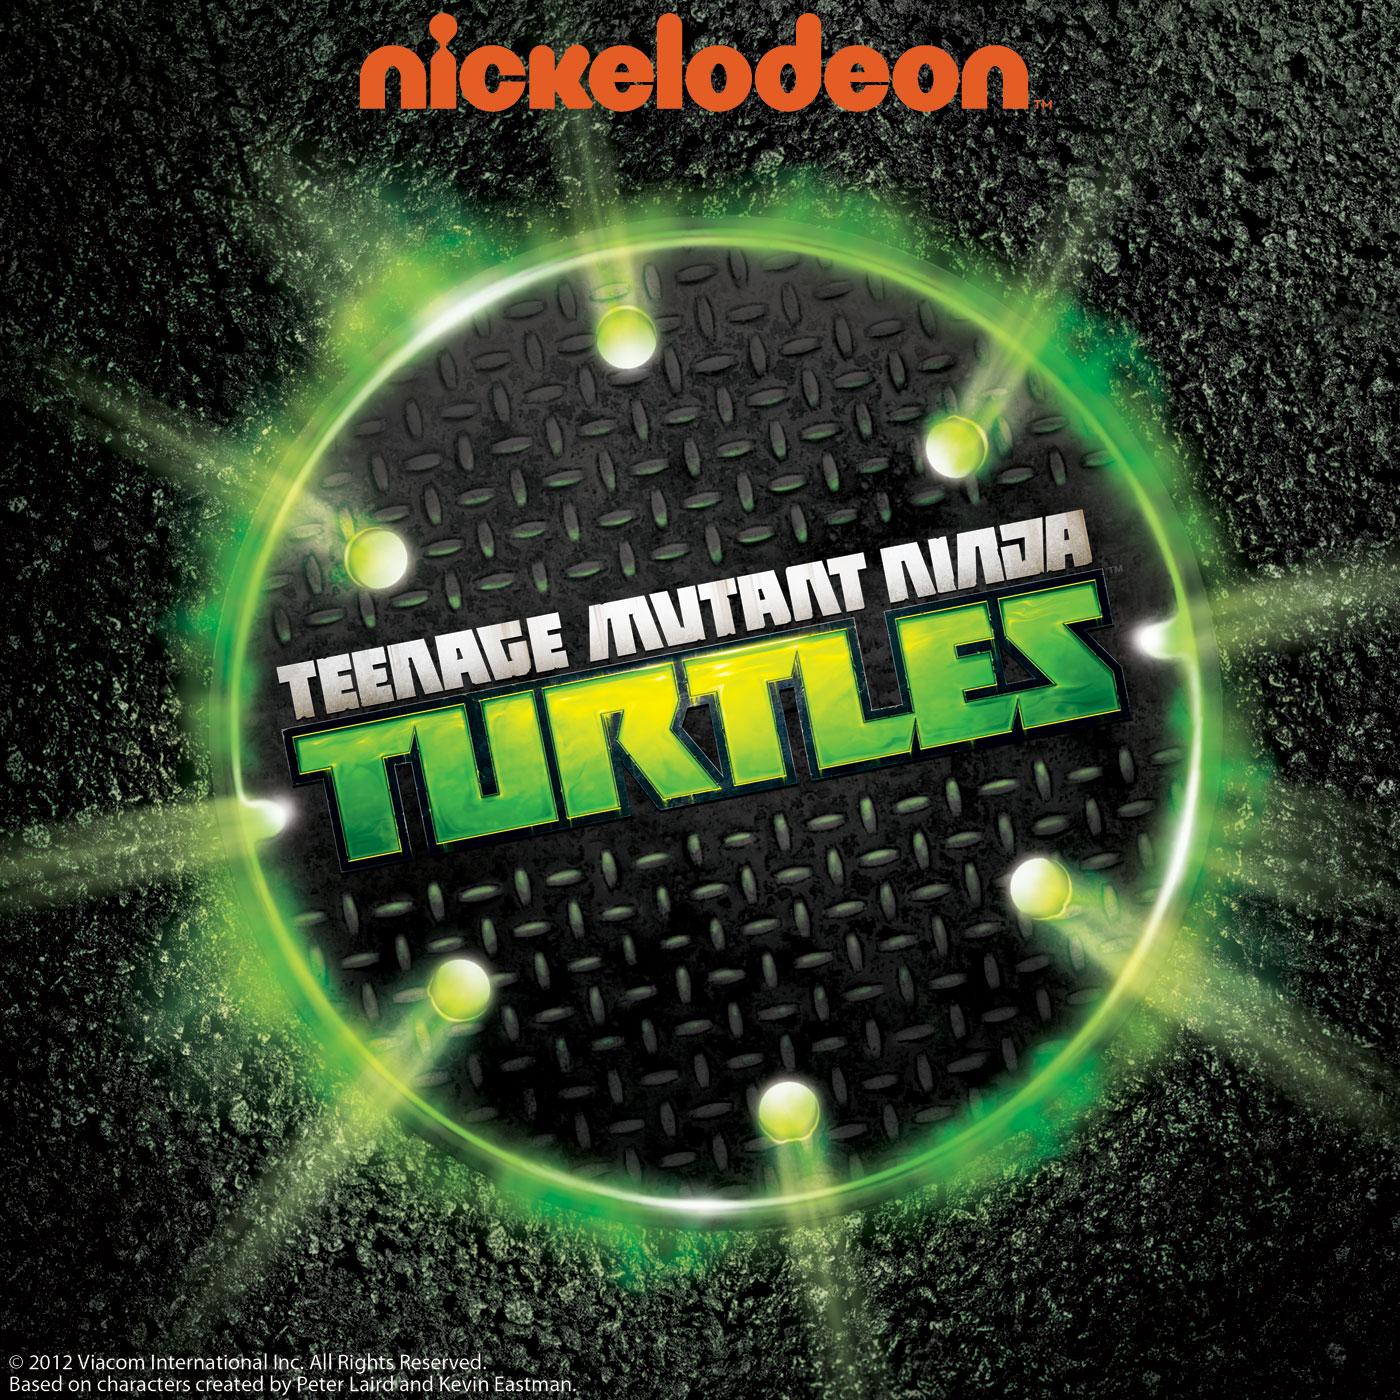 <![CDATA[Teenage Mutant Ninja Turtles]]>